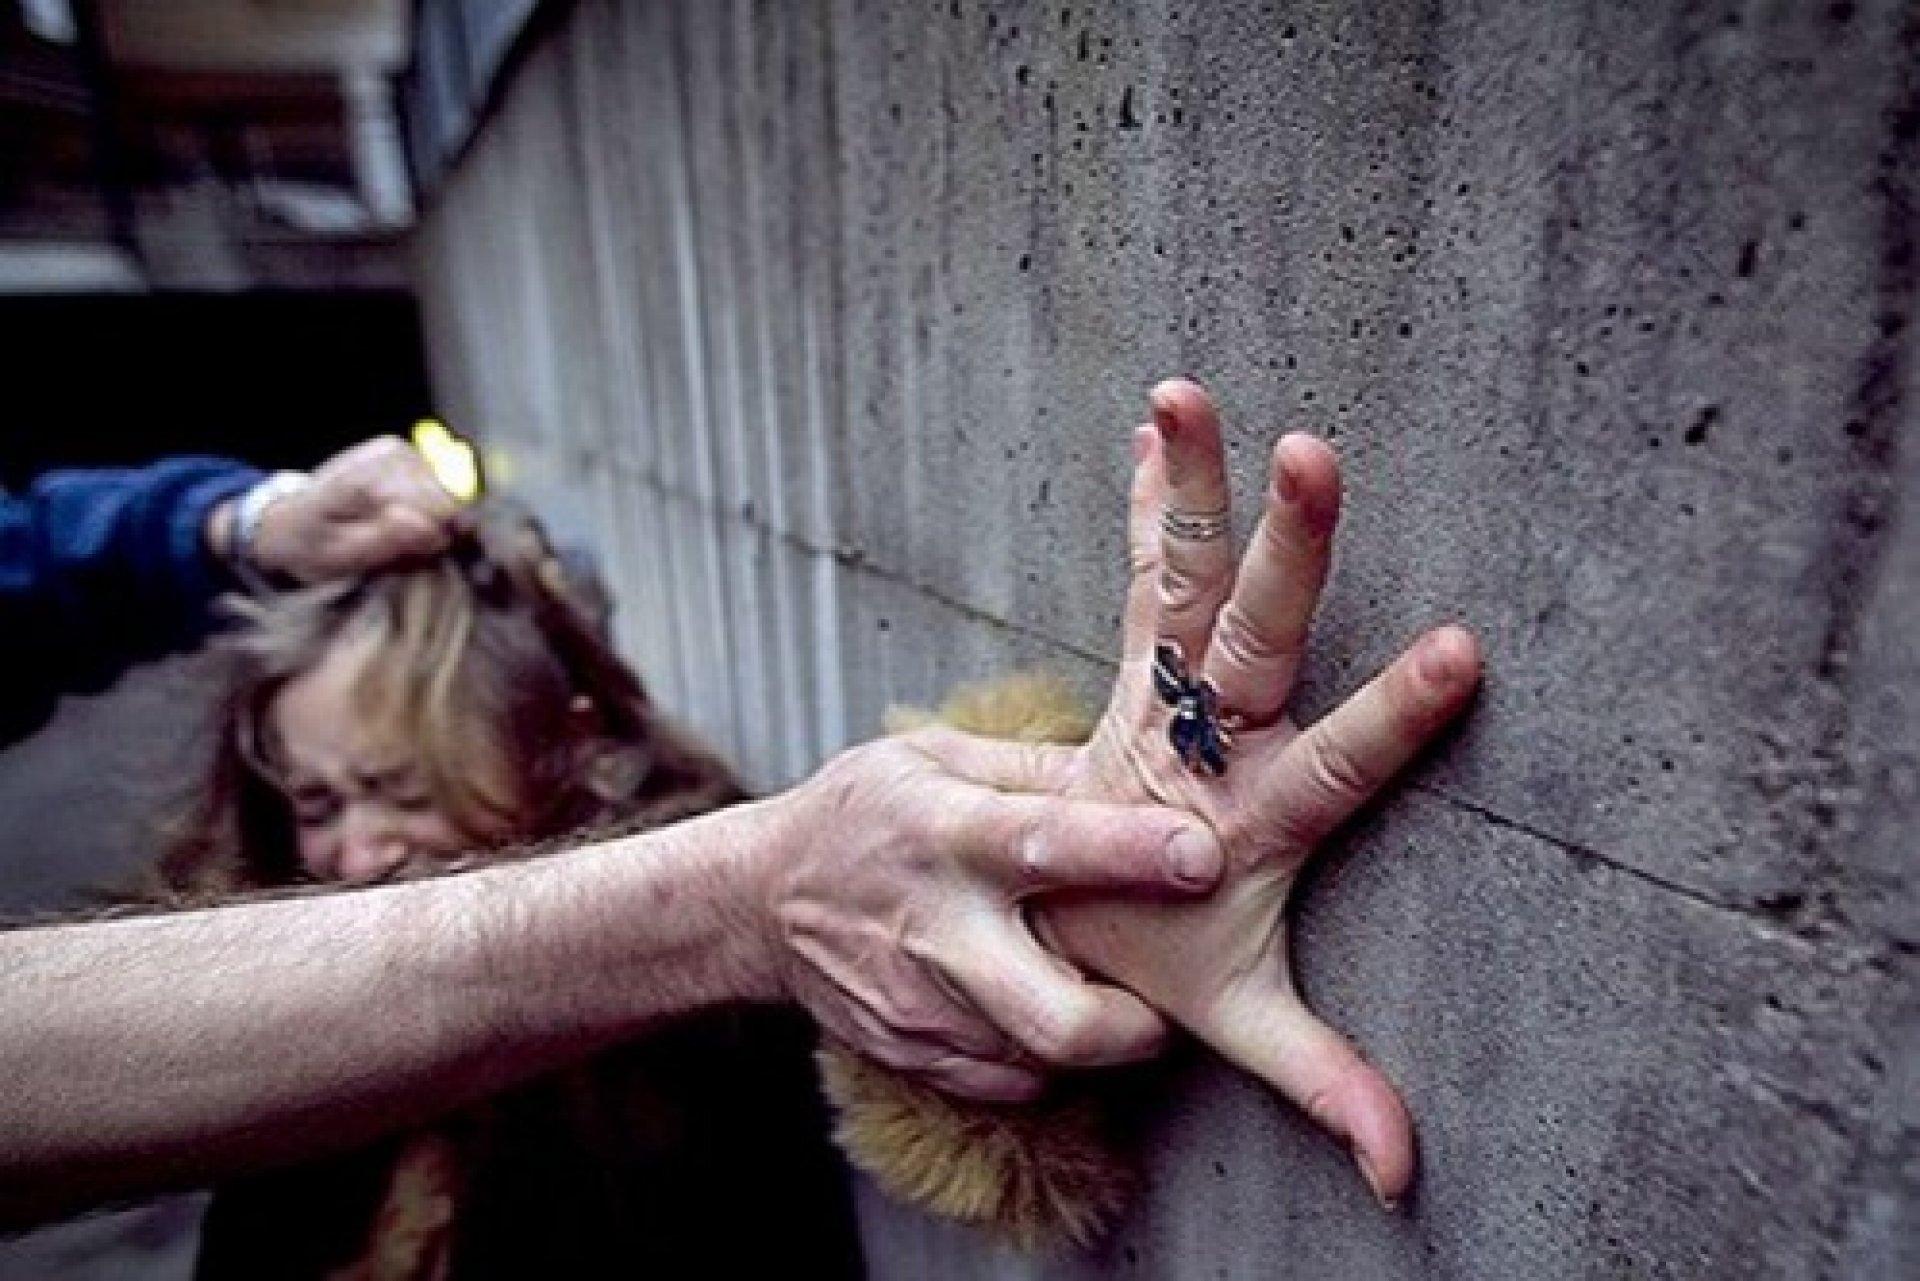 Неслыханная жестокость: в Чернигове изнасиловали ребенка-инвалида